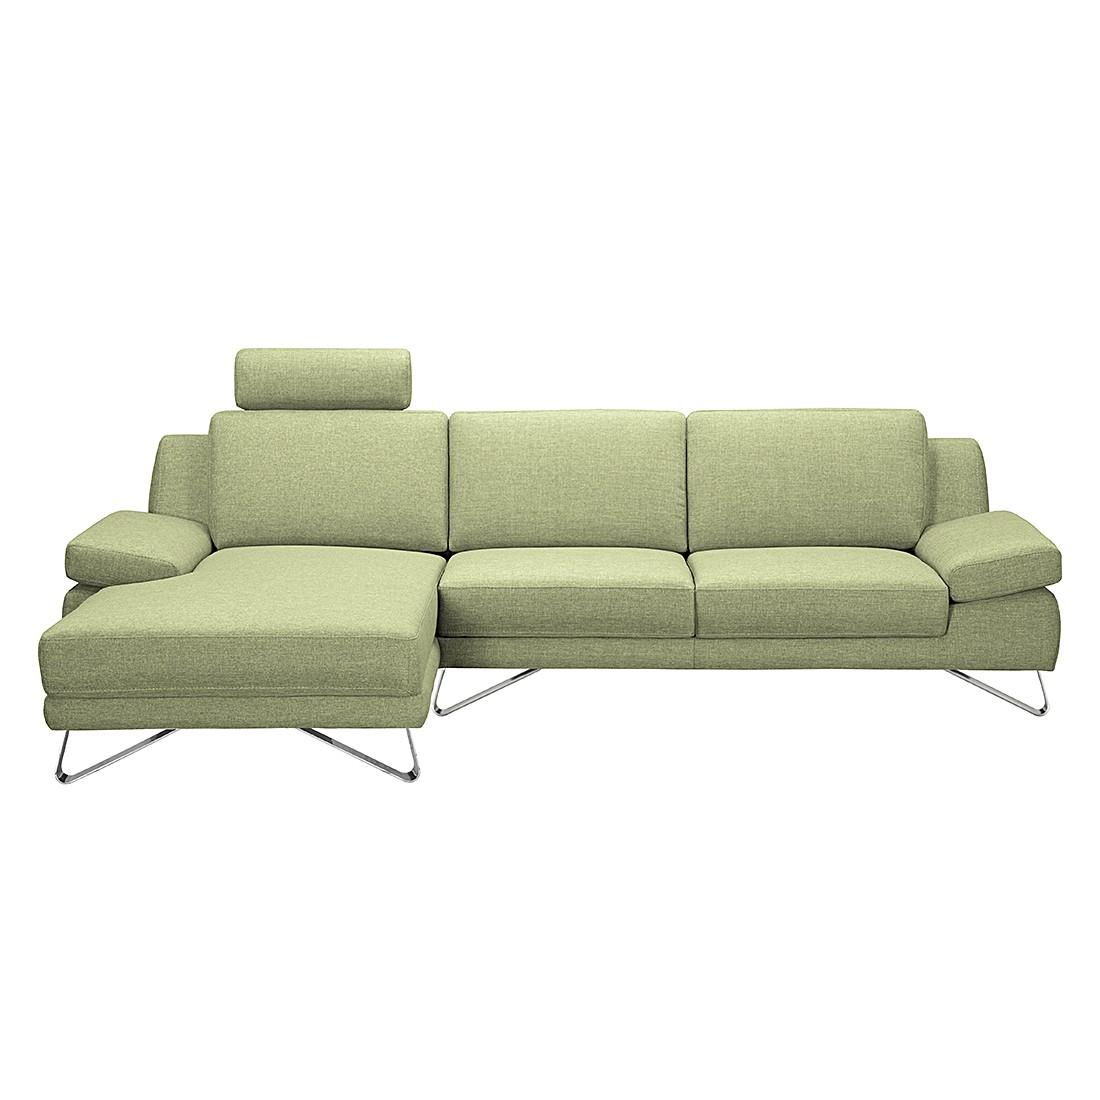 Ecksofa Silvano - Webstoff Grün - Longchair davorstehend links - ohne Kopfstütze, loftscape